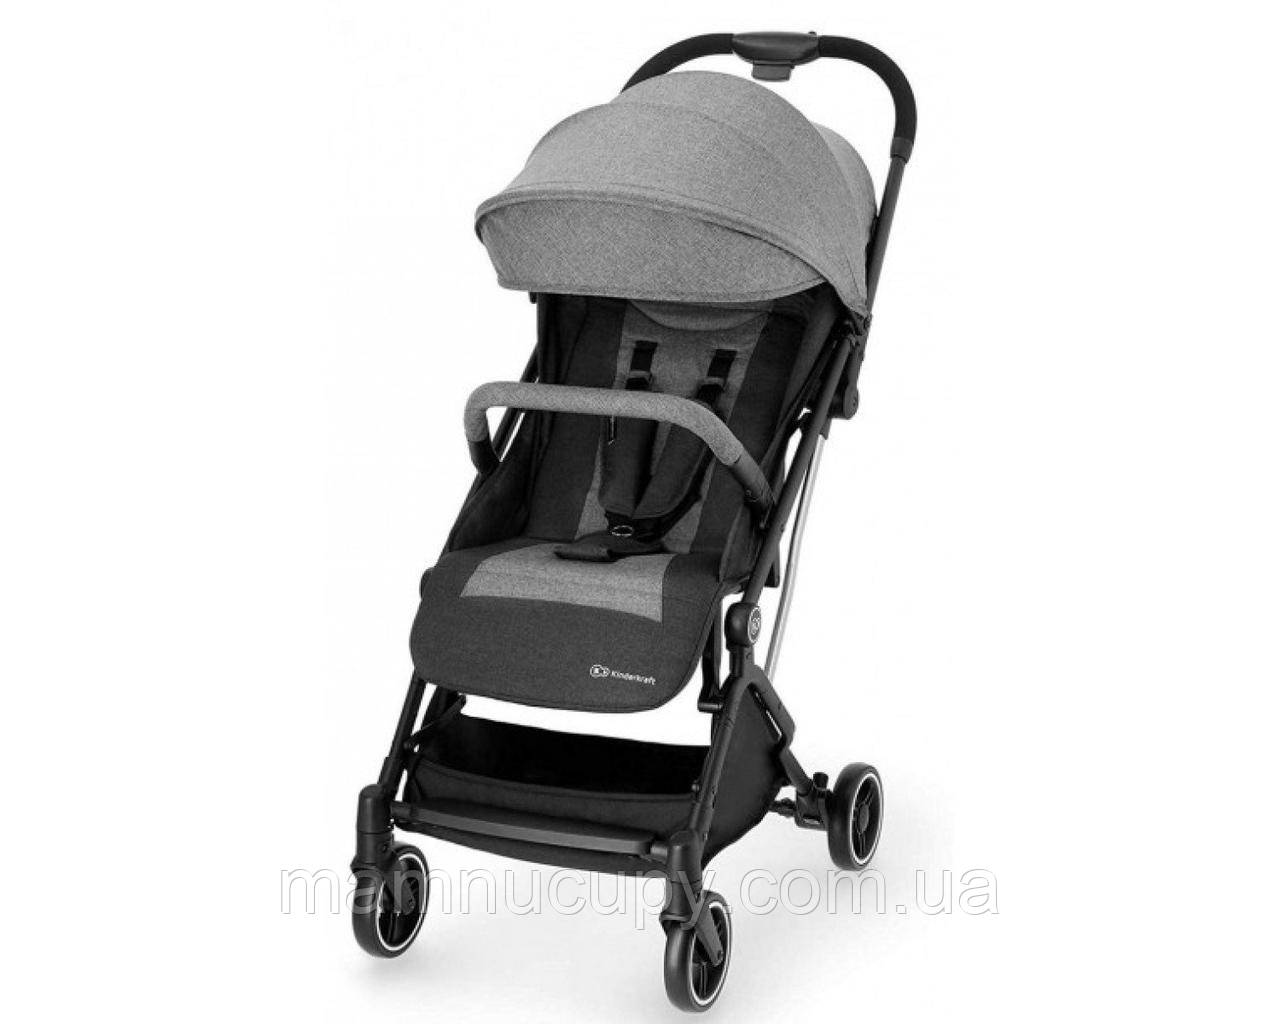 Детская прогулочная коляска Kinderkraft Indy Grey (Киндеркрафт Инди)